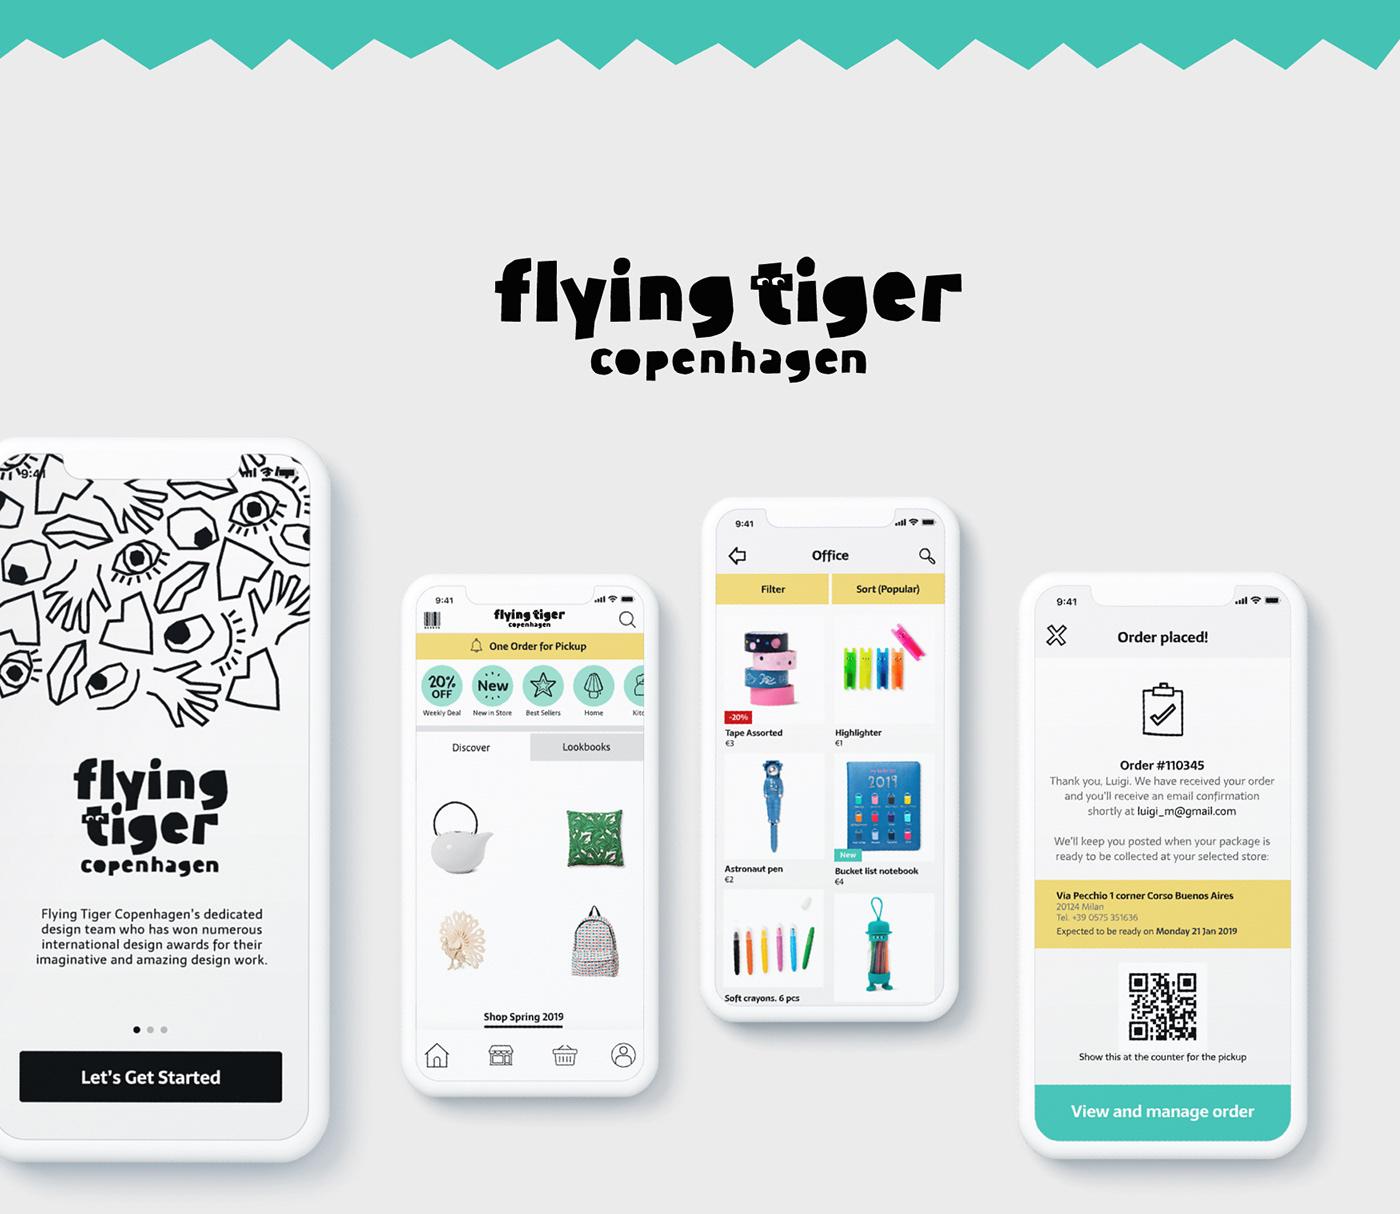 flying tiger Ecommerce e-commerce app PICKUP storelocator e-commerce platform onlineshopping e-commerce Flying Tiger Copenhagen Grocery App